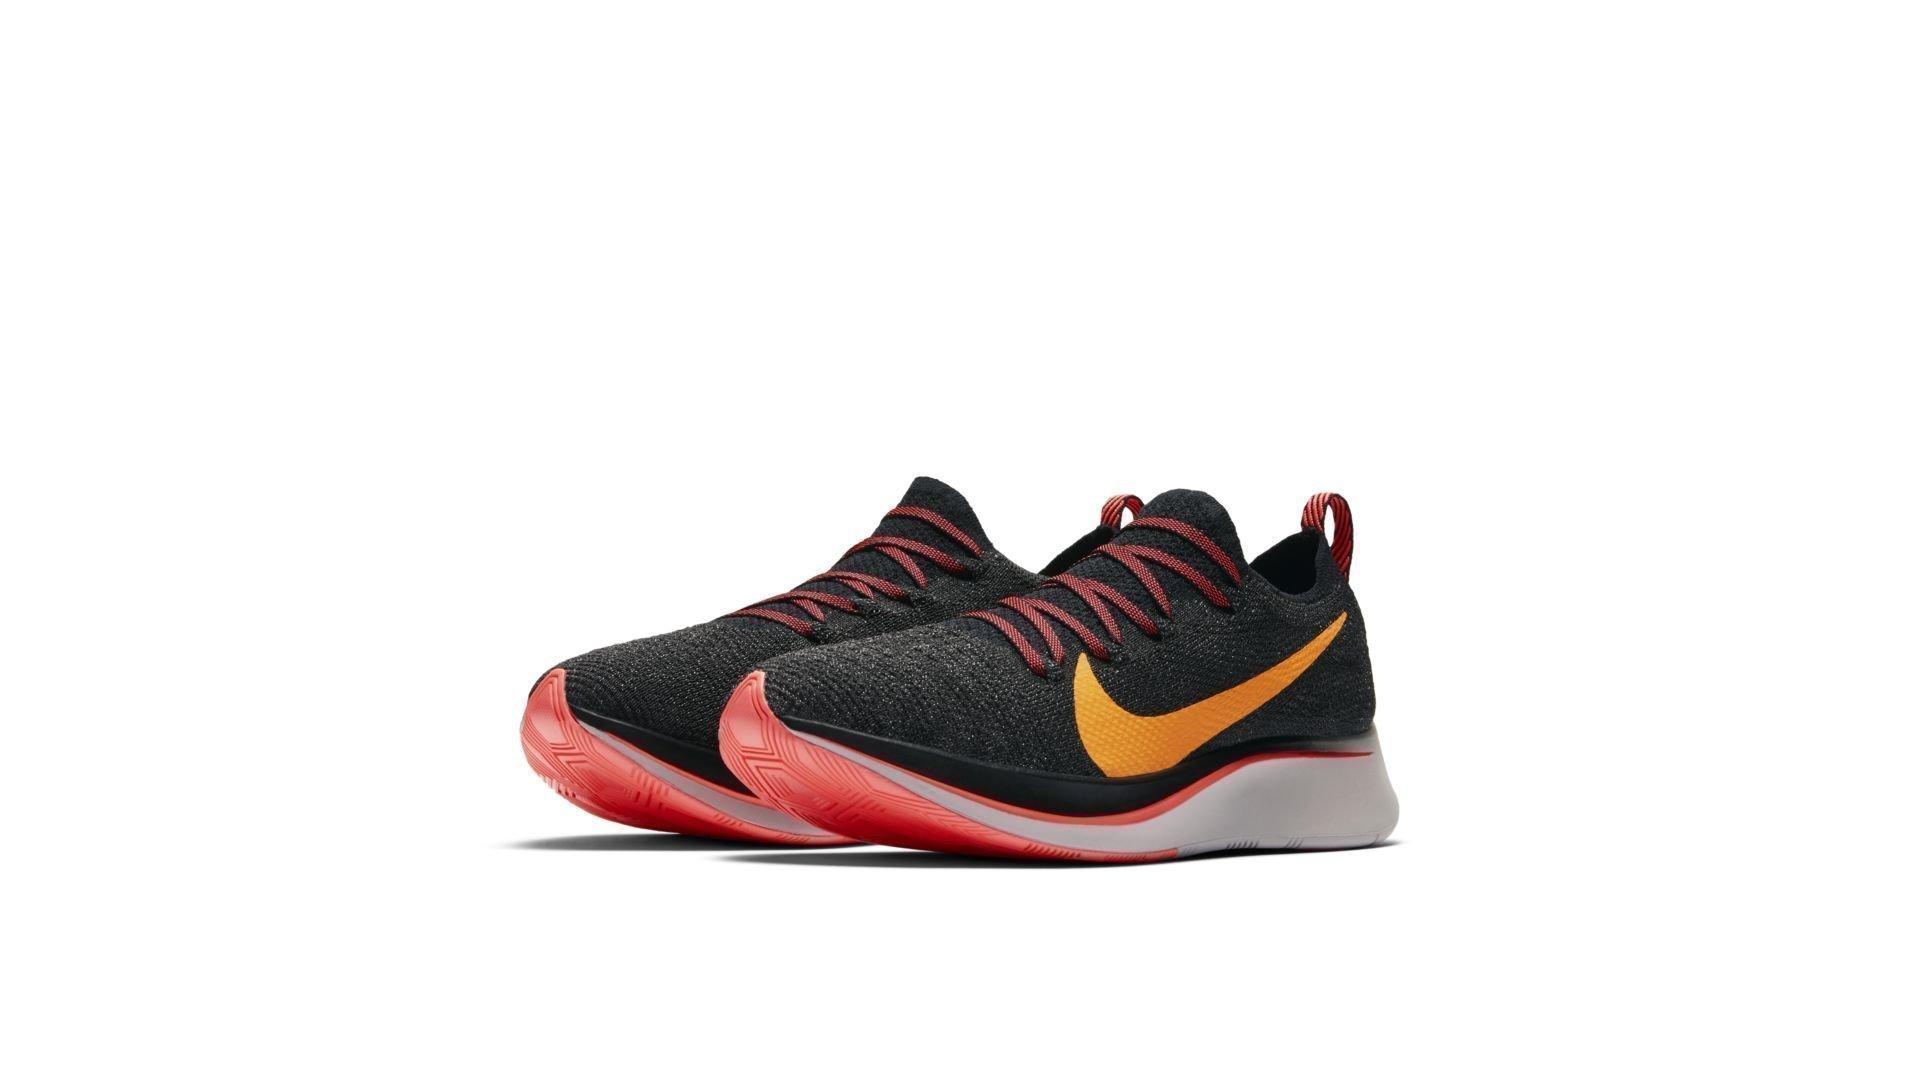 Nike Zoom Fly Flyknit Black Orange Peel (W) (AR4562-068)